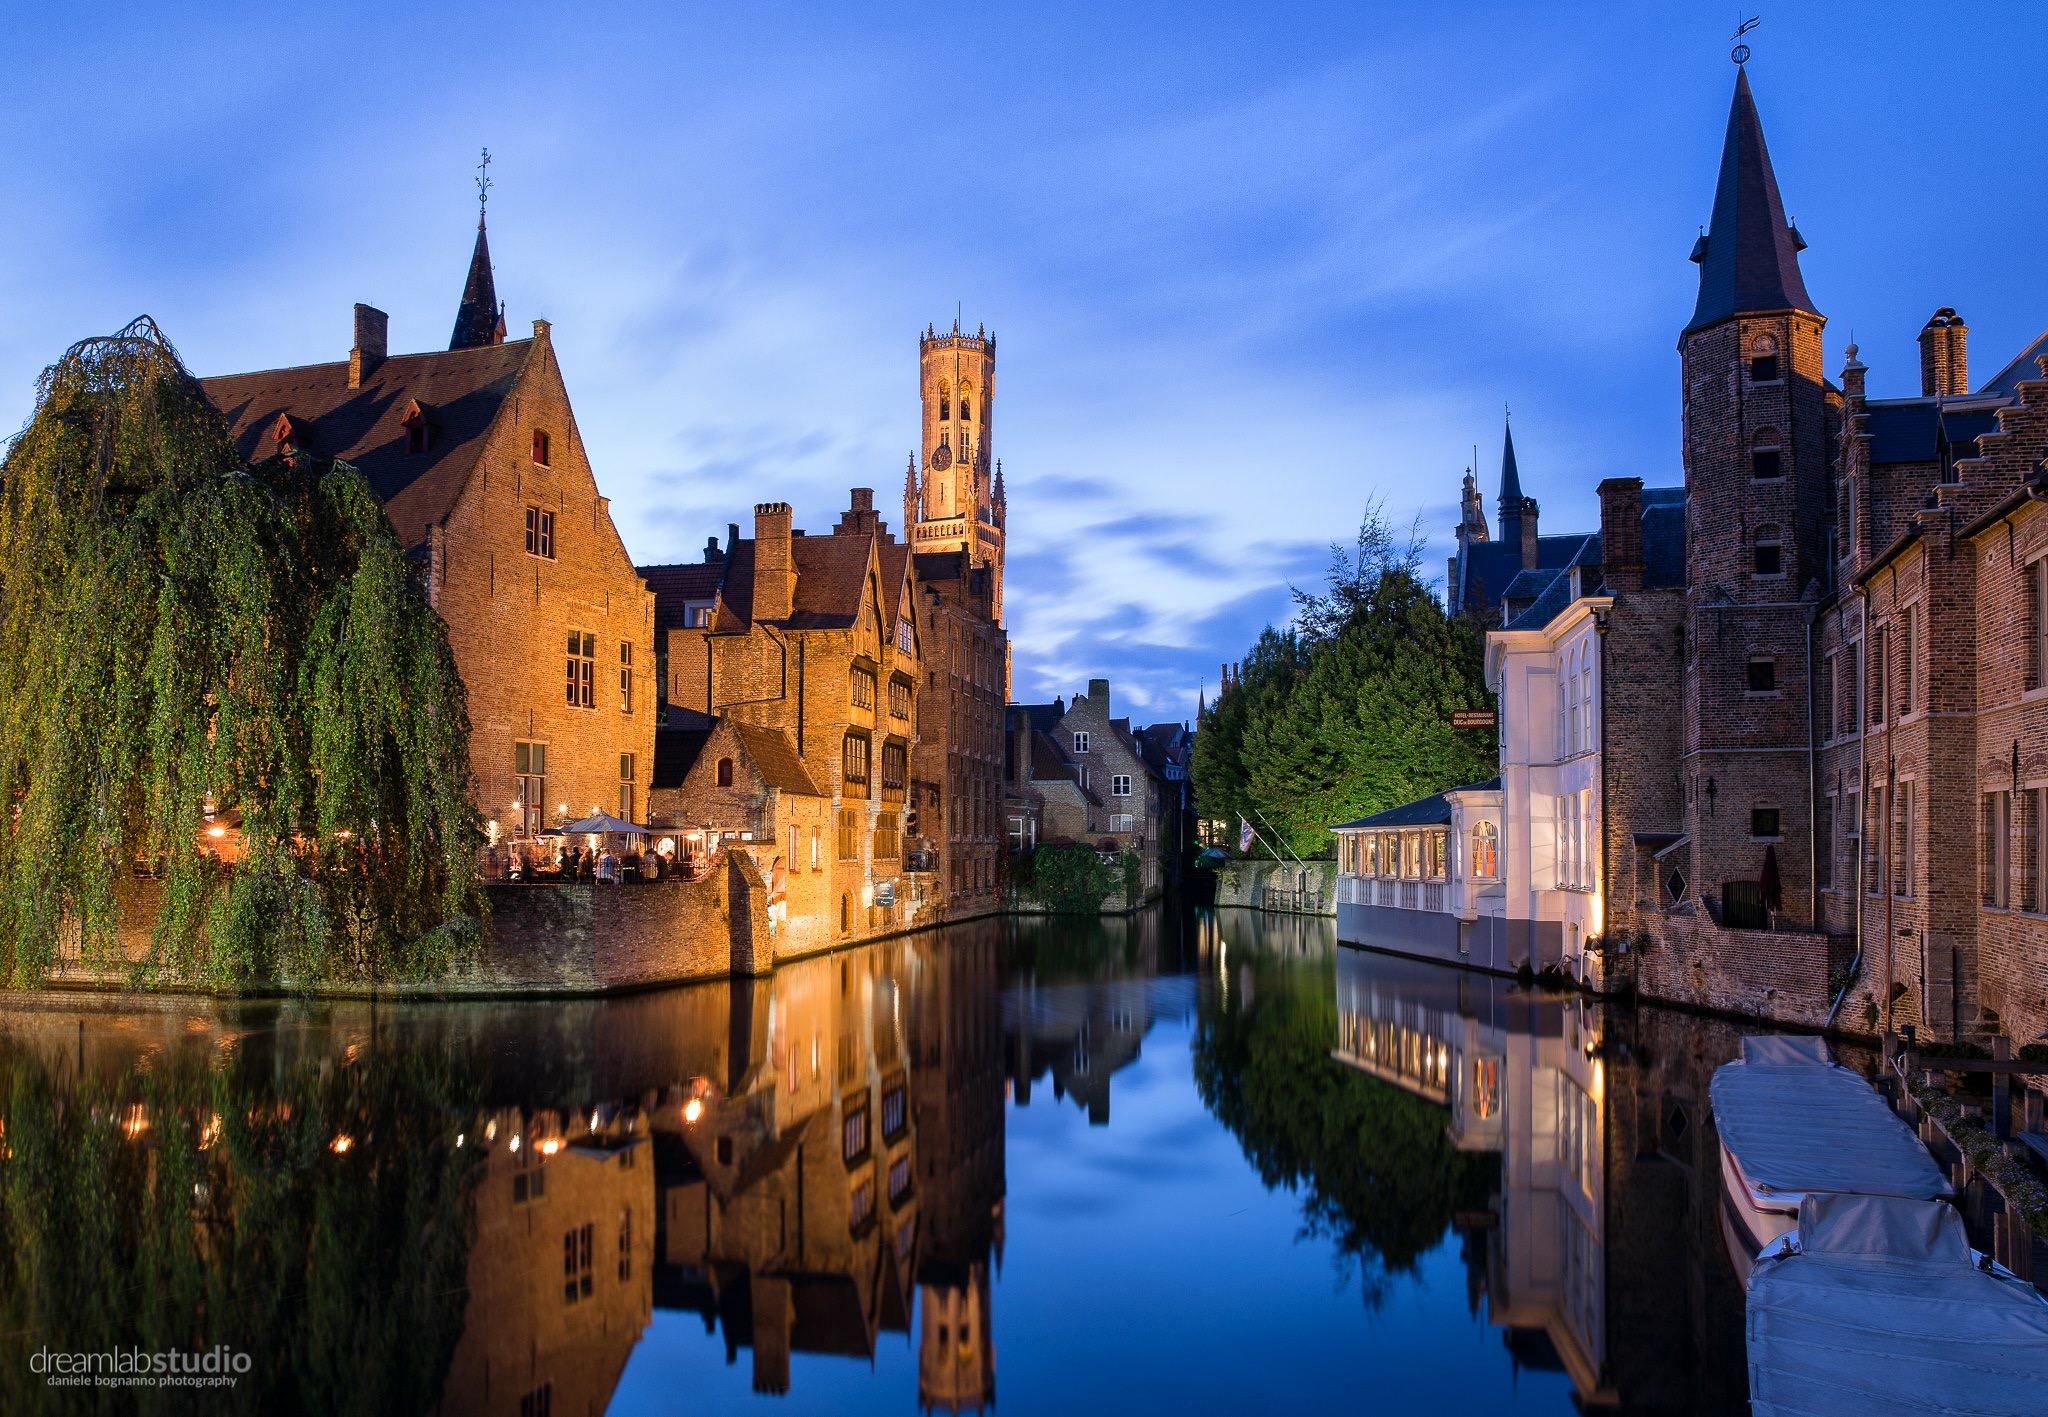 rozendoedkaai, Belgium